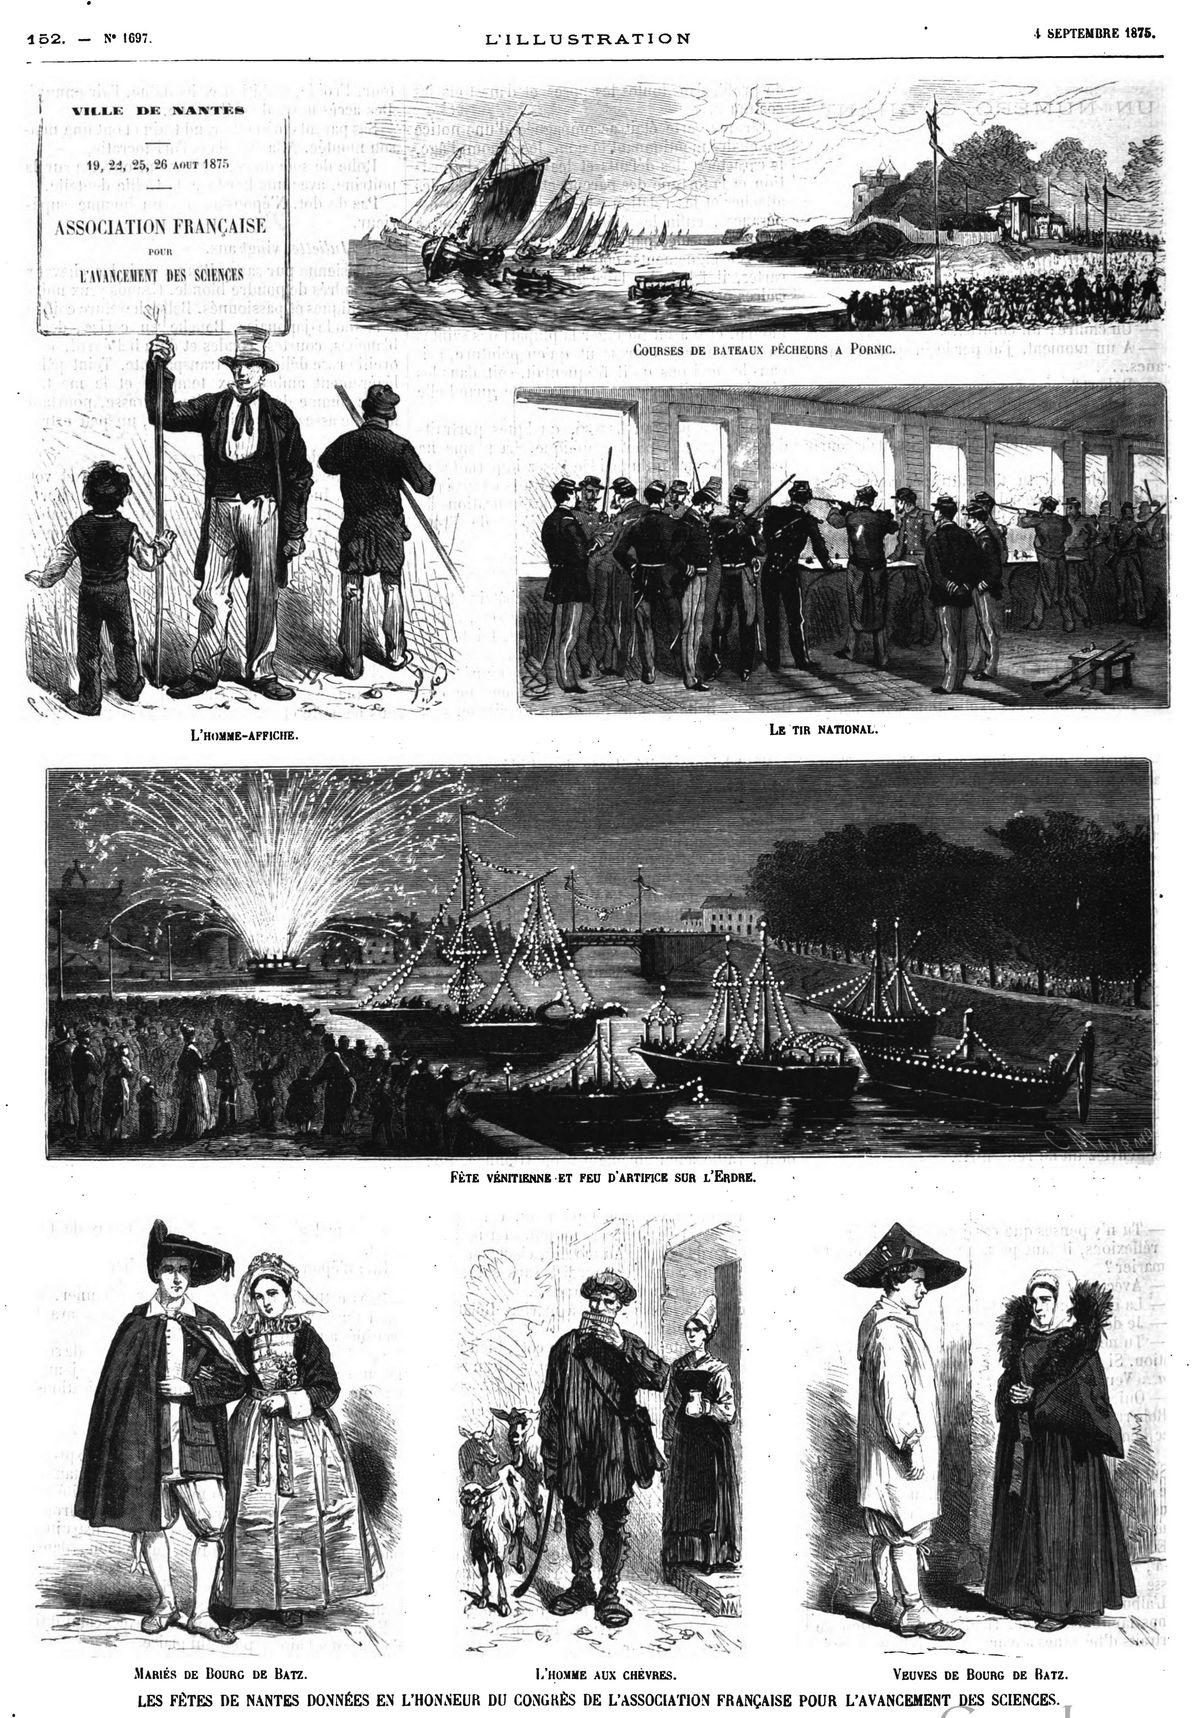 Les fêtes de Nantes données en l'honneur du Congrès de l'Association française pour l'avancement des sciences (7 gravures).